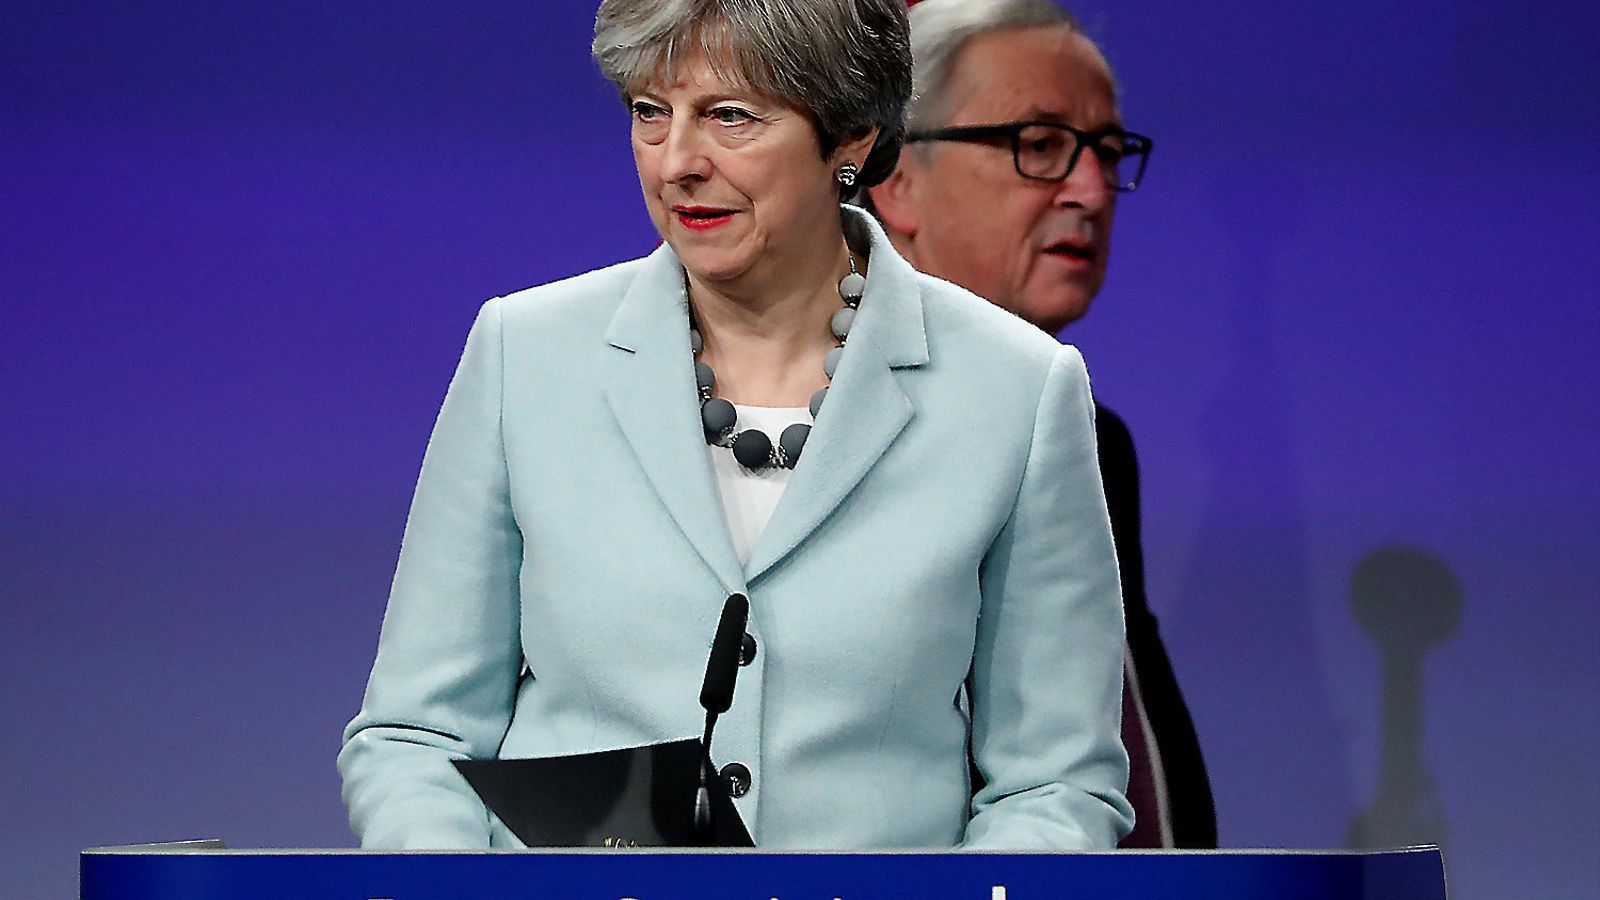 Theresa May i Jean-Claude Juncker ahir a Brussel·les.   A sota, una imatge d'Arlene Foster, líder del Partit Democràtic Unionista d'Irlanda del Nord.